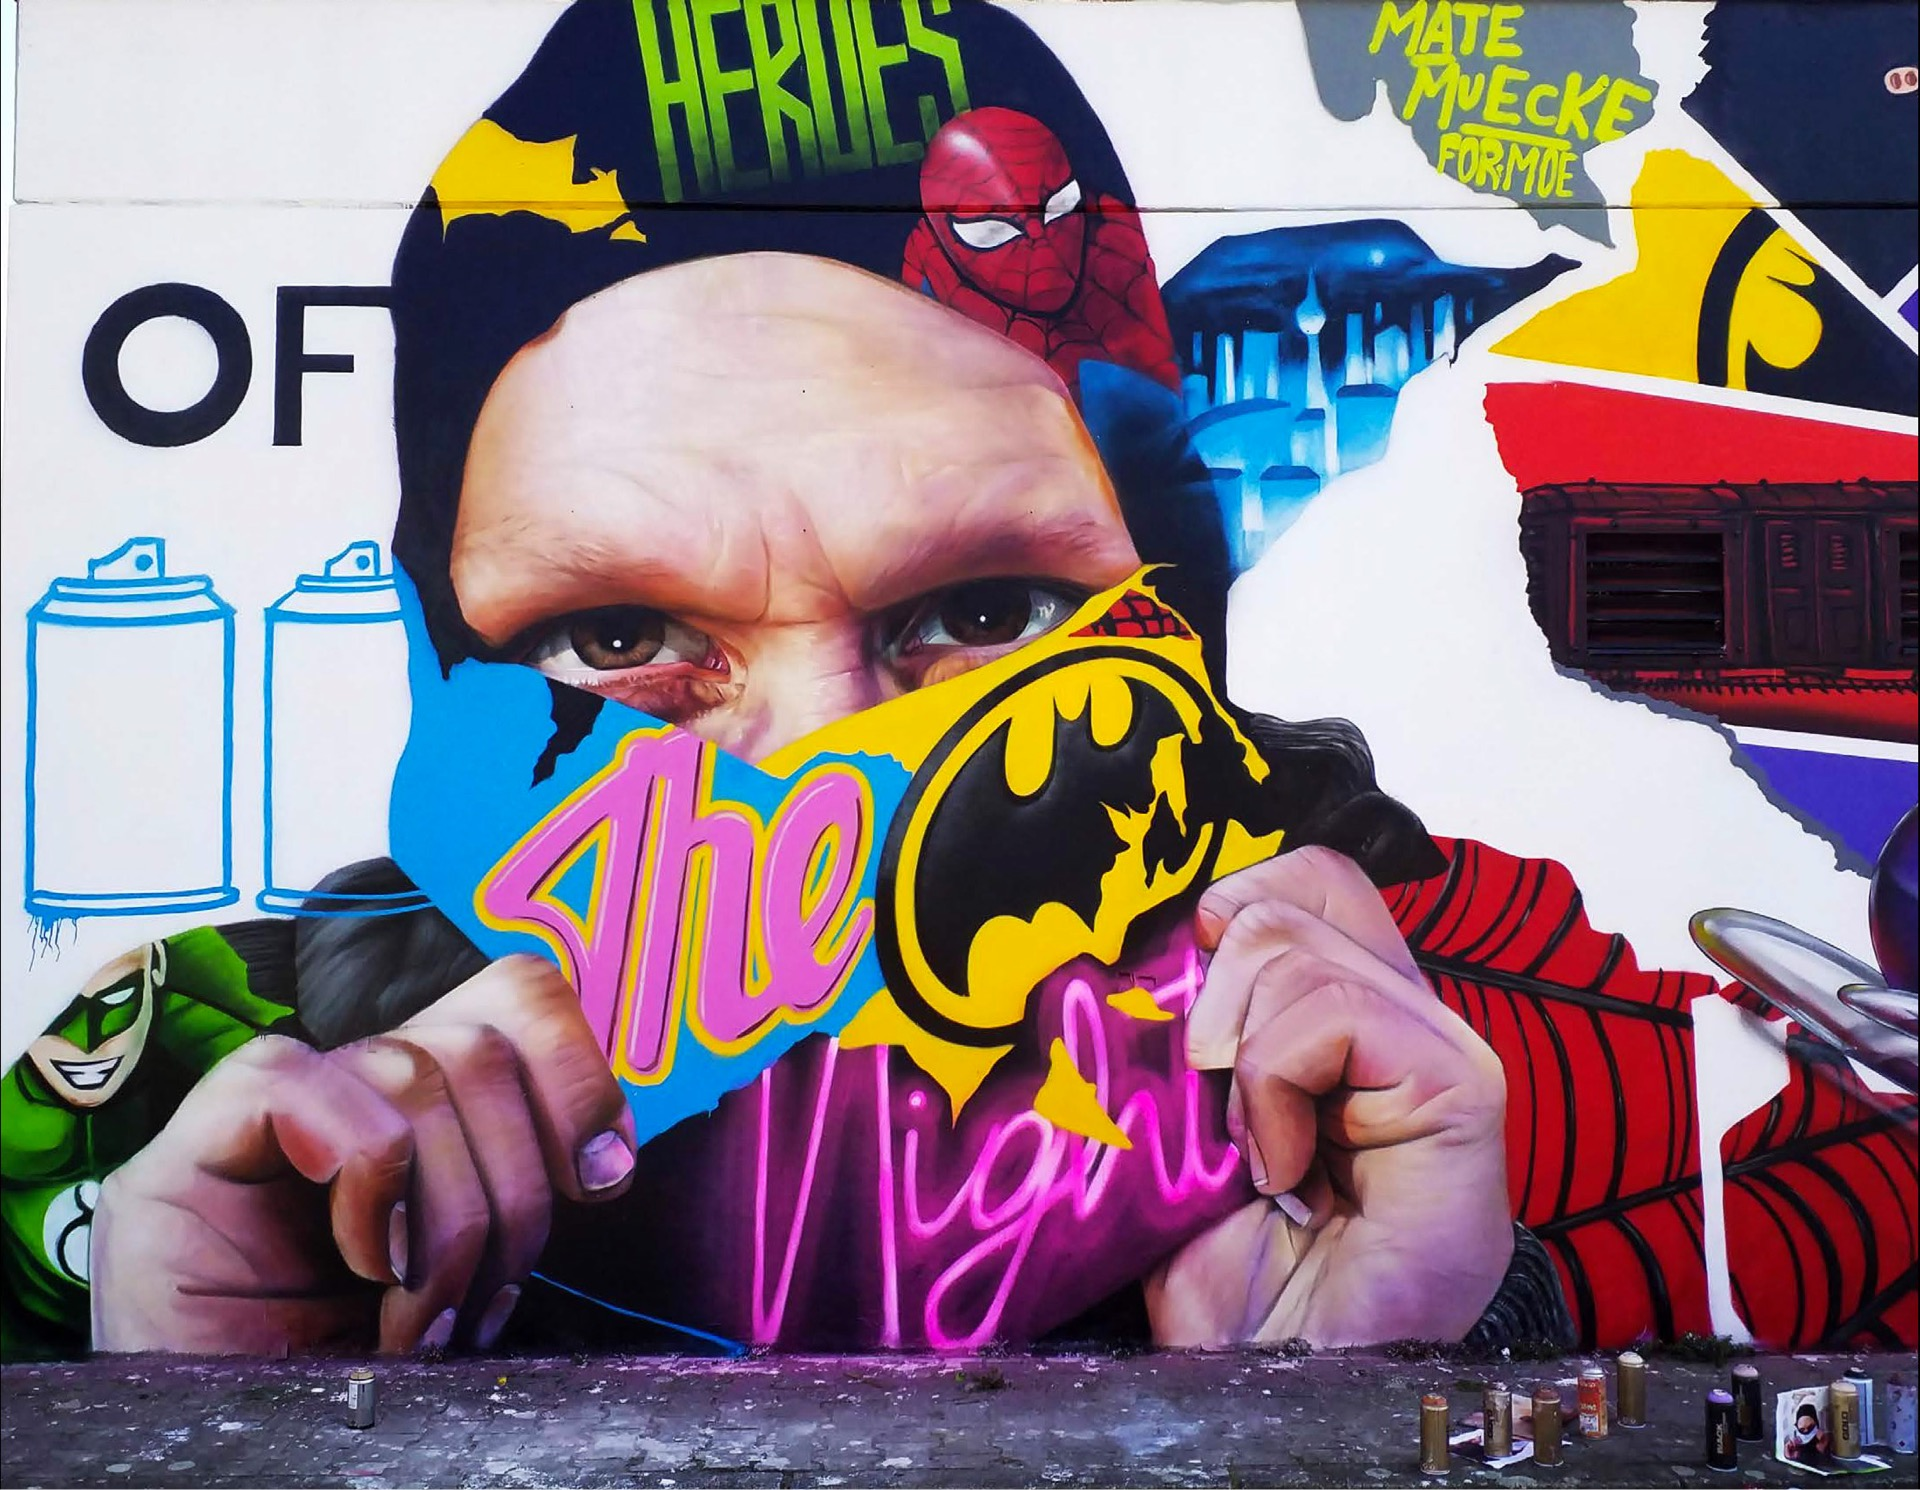 Heroes of the Night - Berlin, 2019